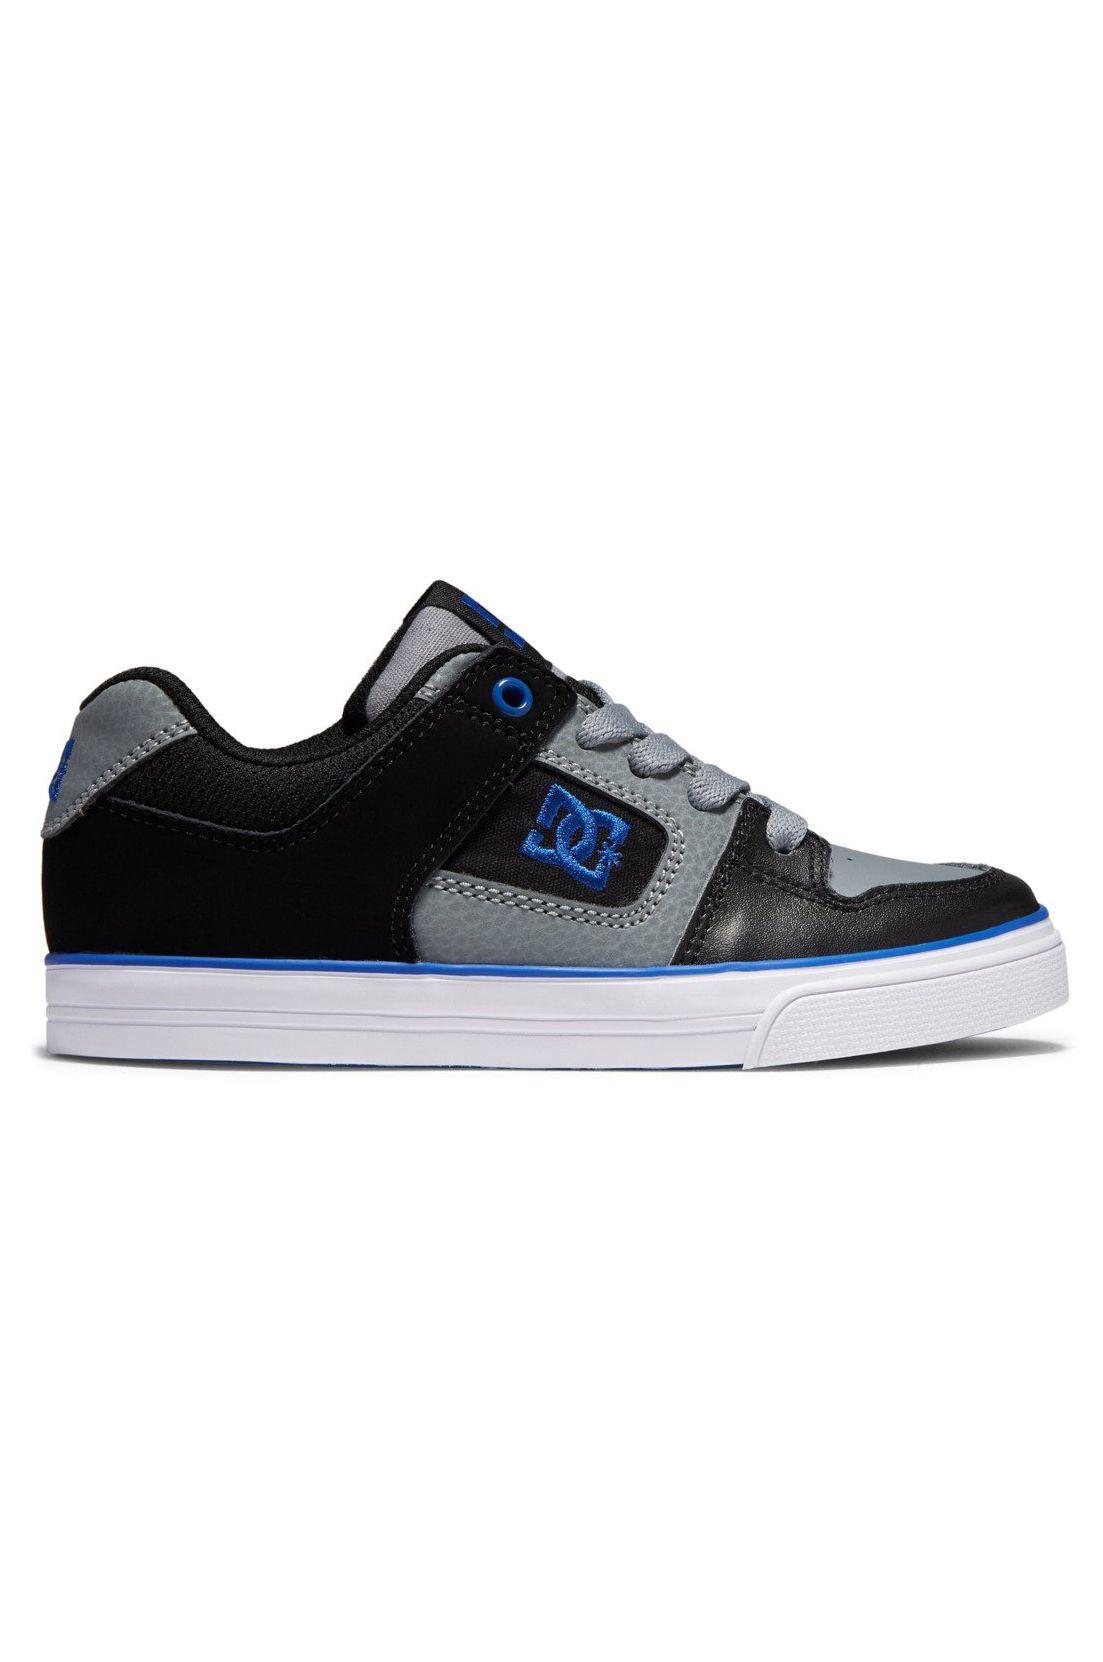 Tenis DC Shoes PURE Black/Grey/Blue